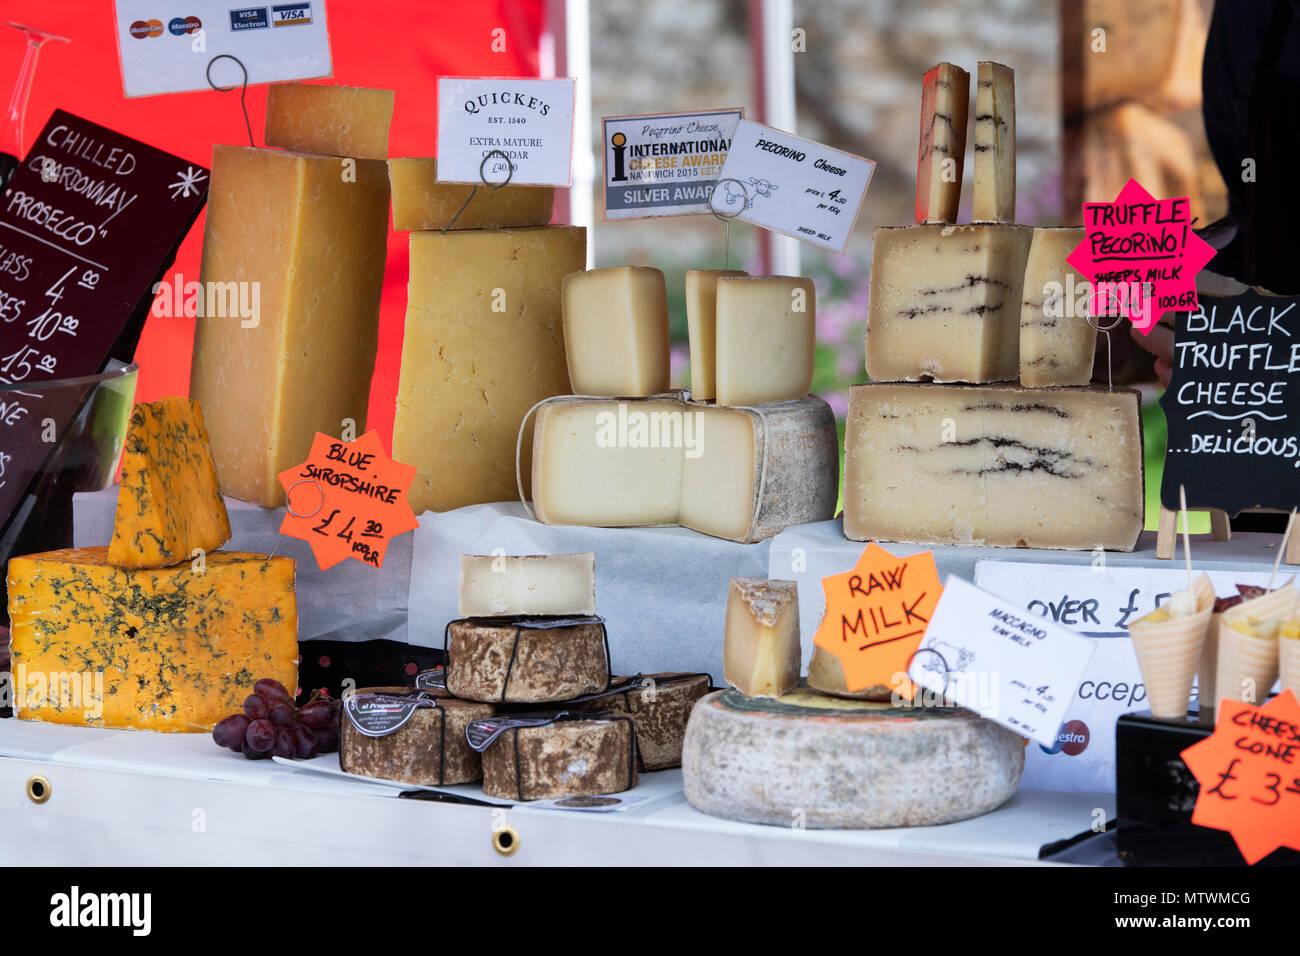 Spezial- und handwerklichen Käse ist ein Food Festival. Oxfordshire, England Stockbild